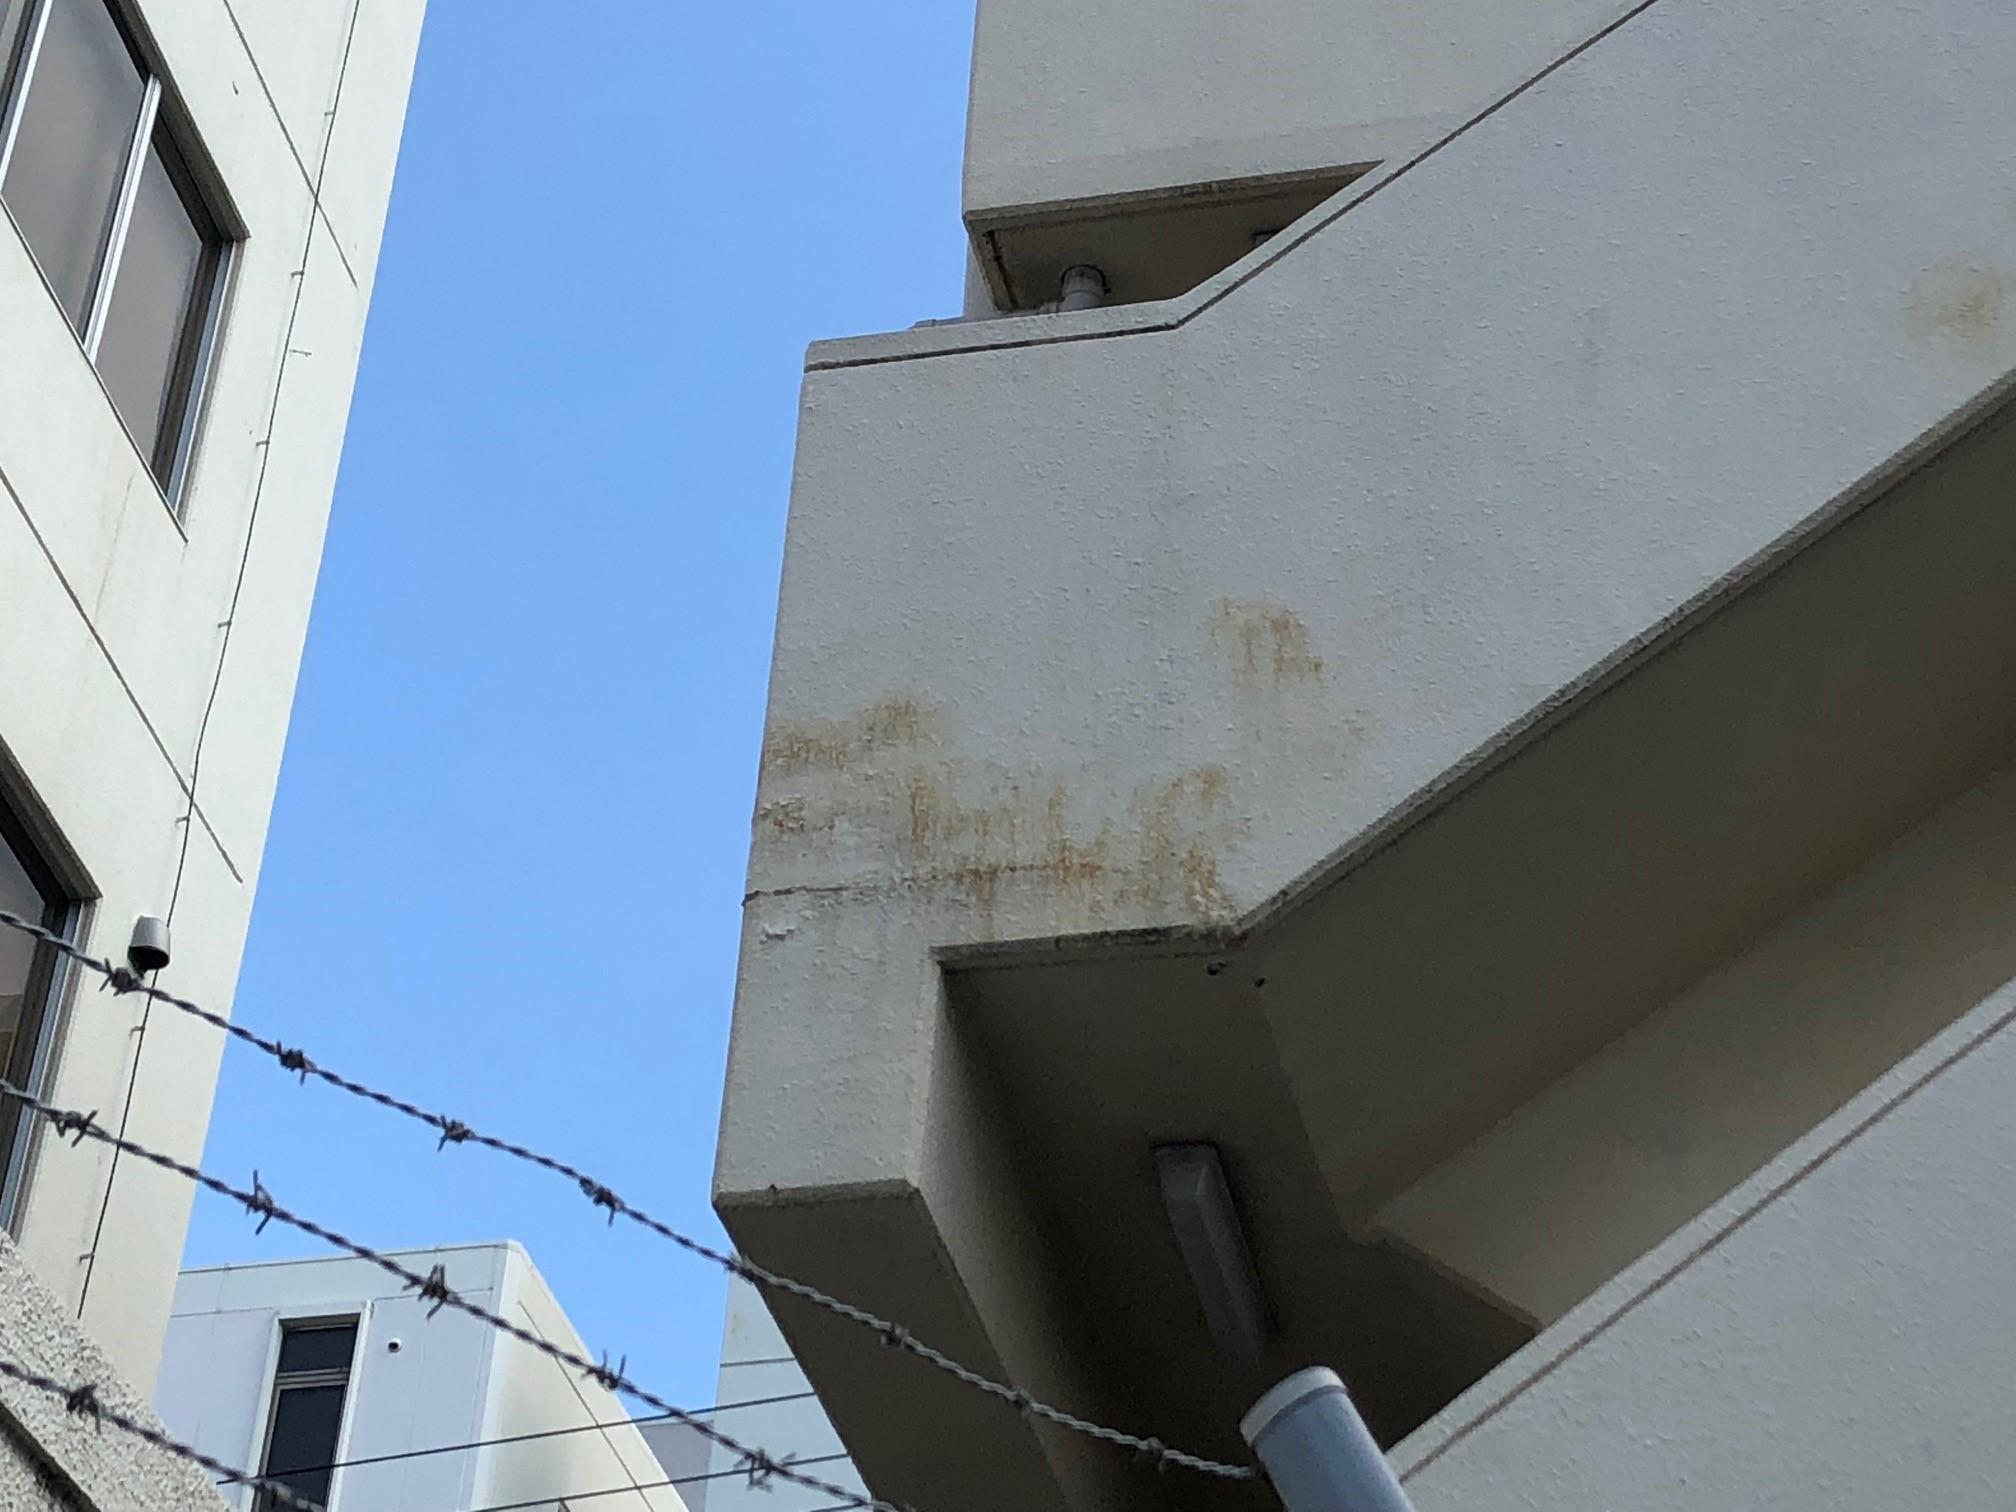 吹田市にて、台風被害にあわれたマンションの現場調査の様子の続きです。